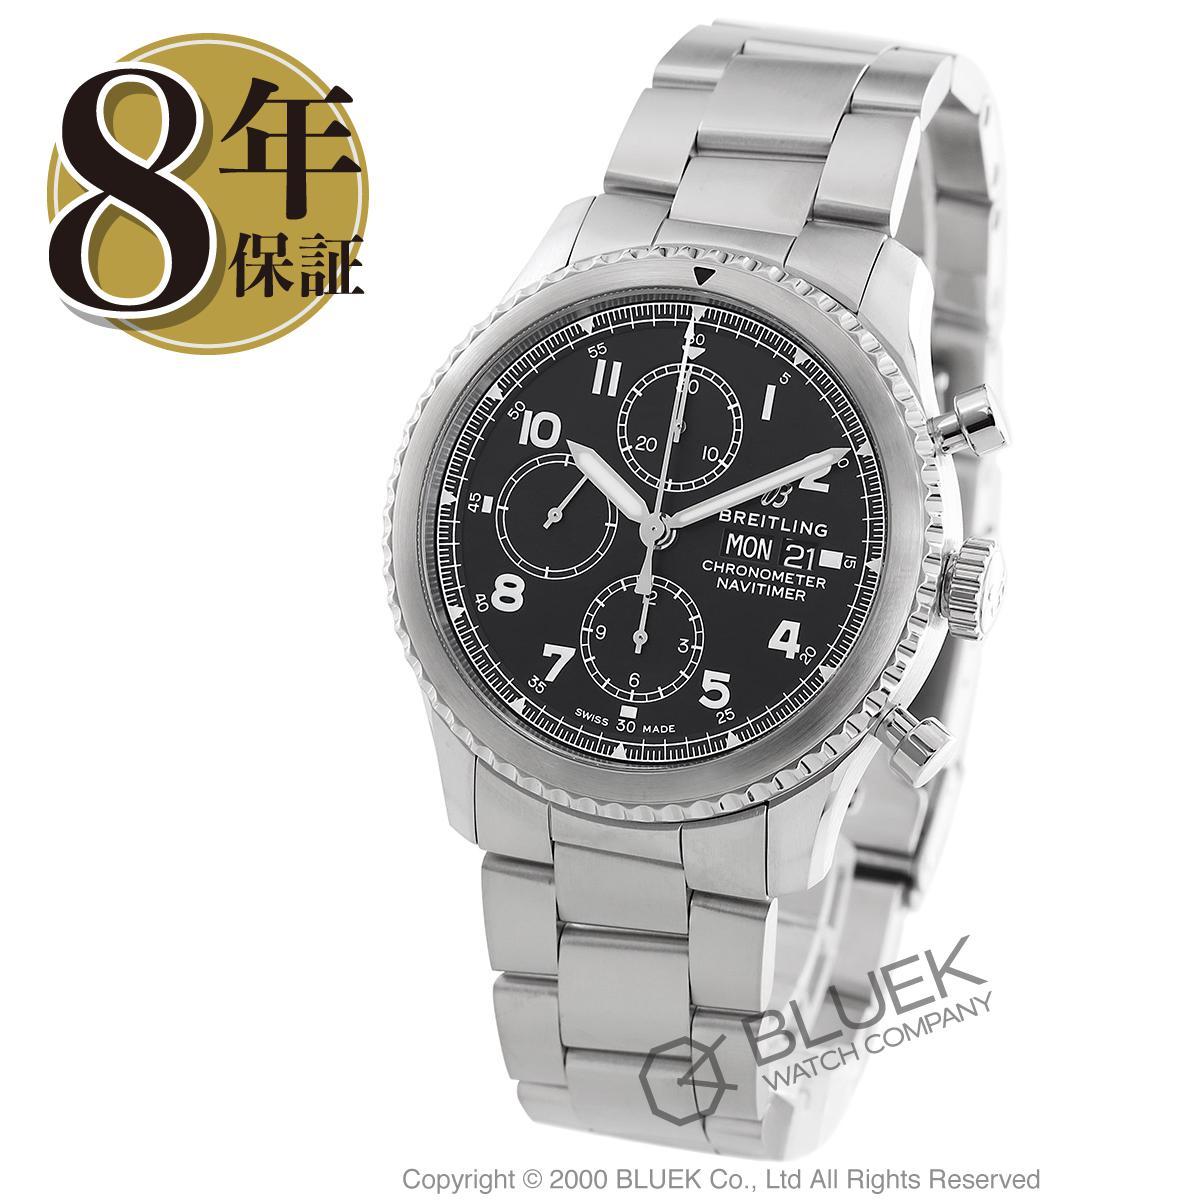 ブライトリング ナビタイマー 8 クロノグラフ 腕時計 メンズ BREITLING A118B-1PSS_8